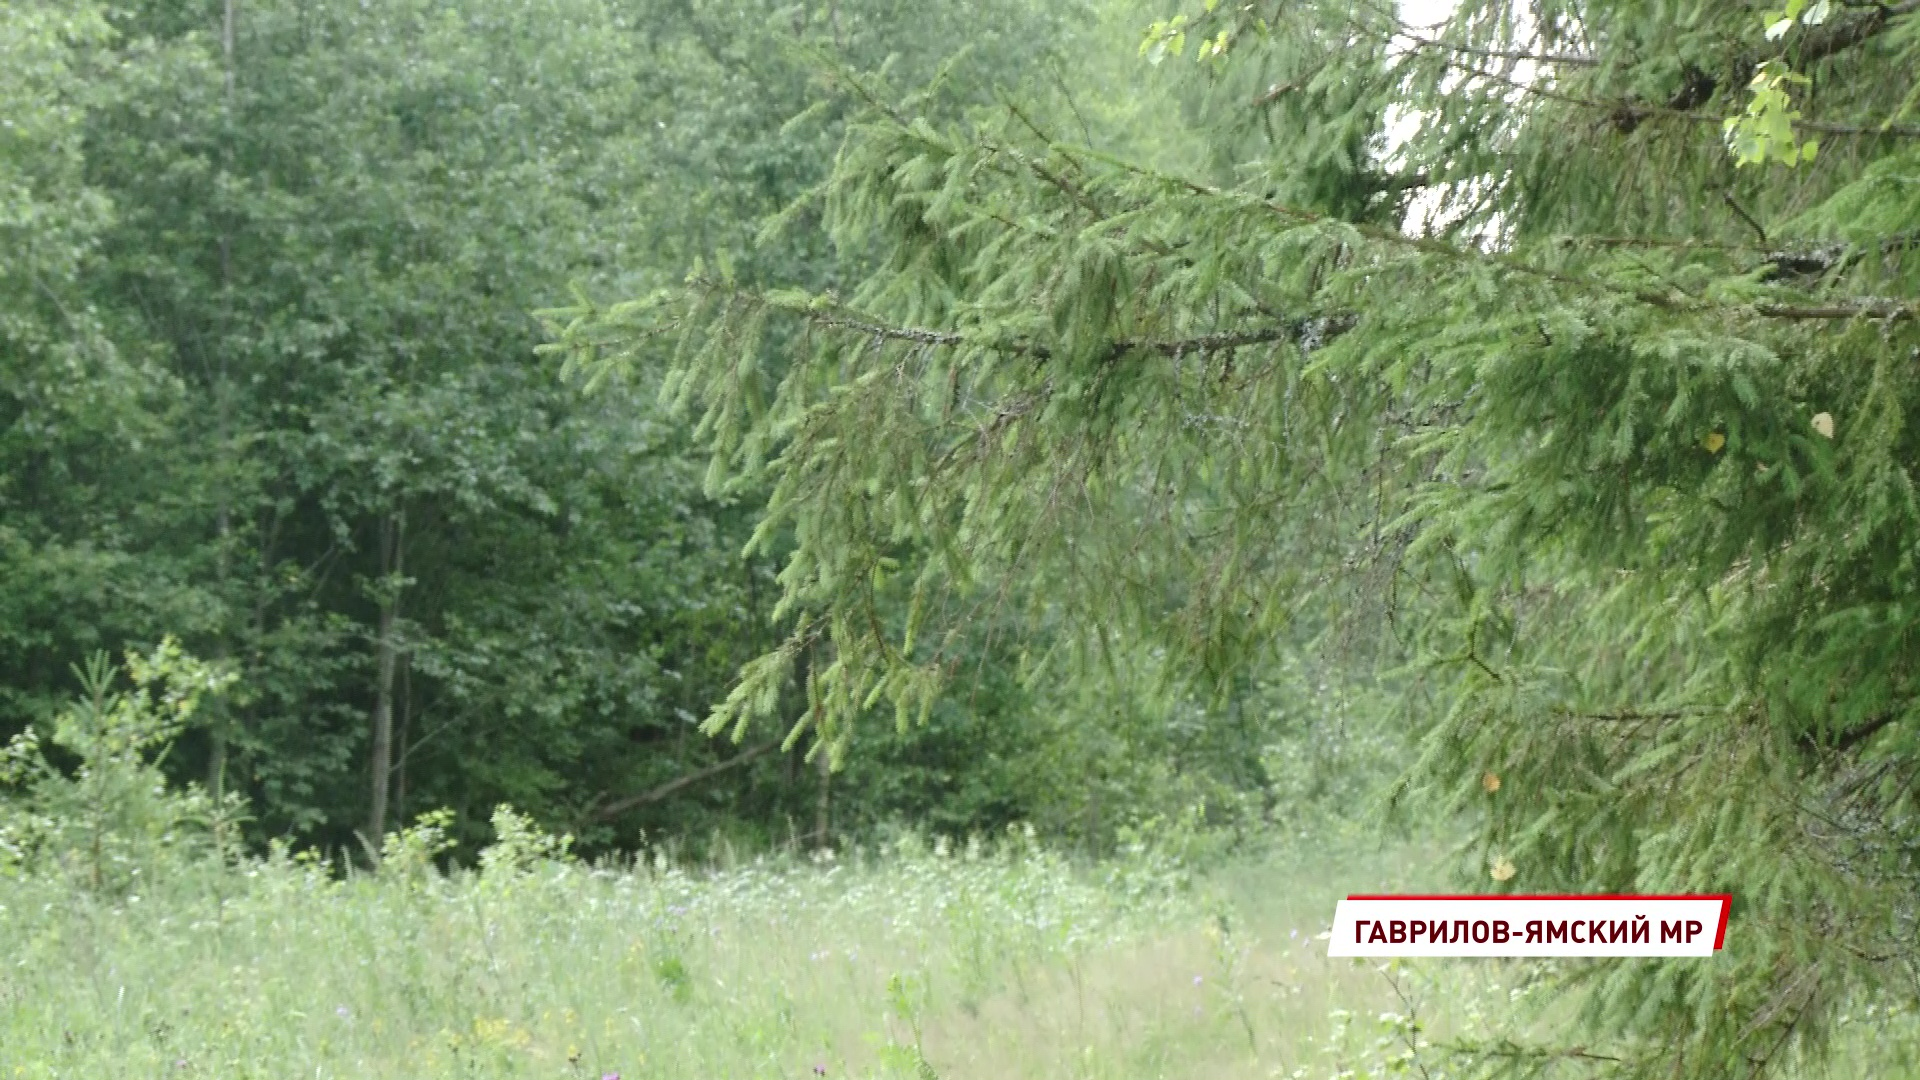 В Ярославской области проверили кормушки для диких животных и птиц